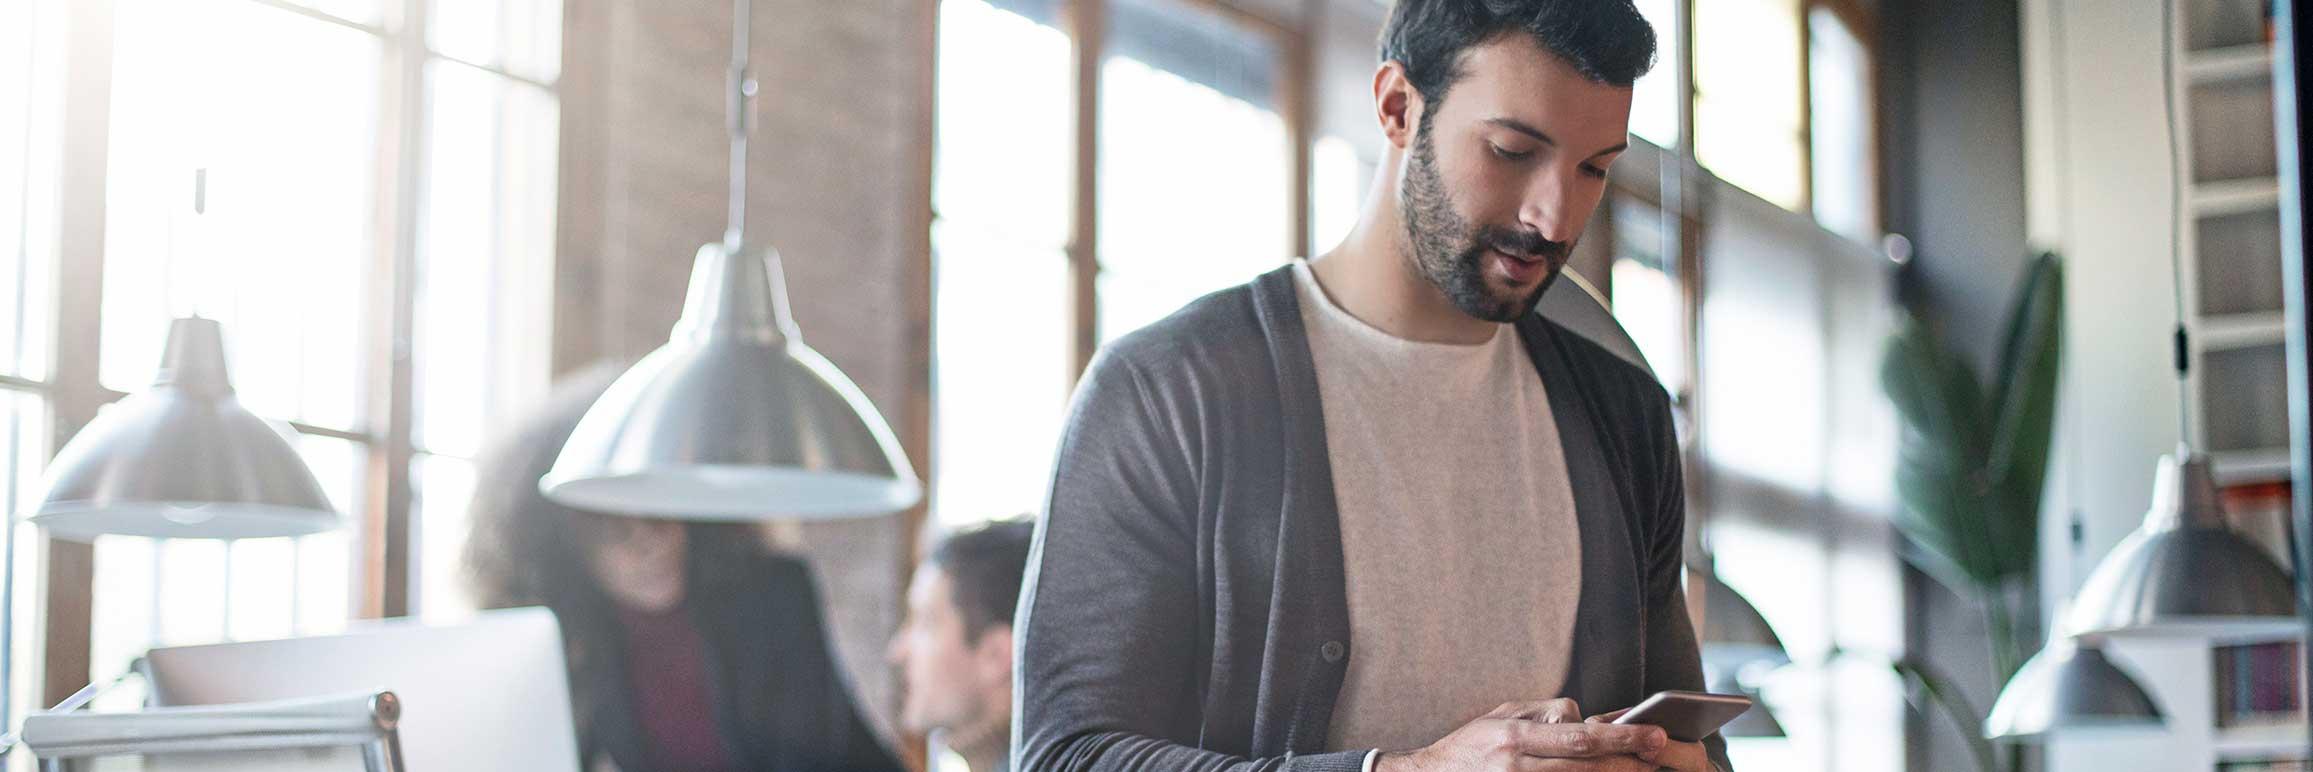 esendex personalvermittlung sms tipps handy mann